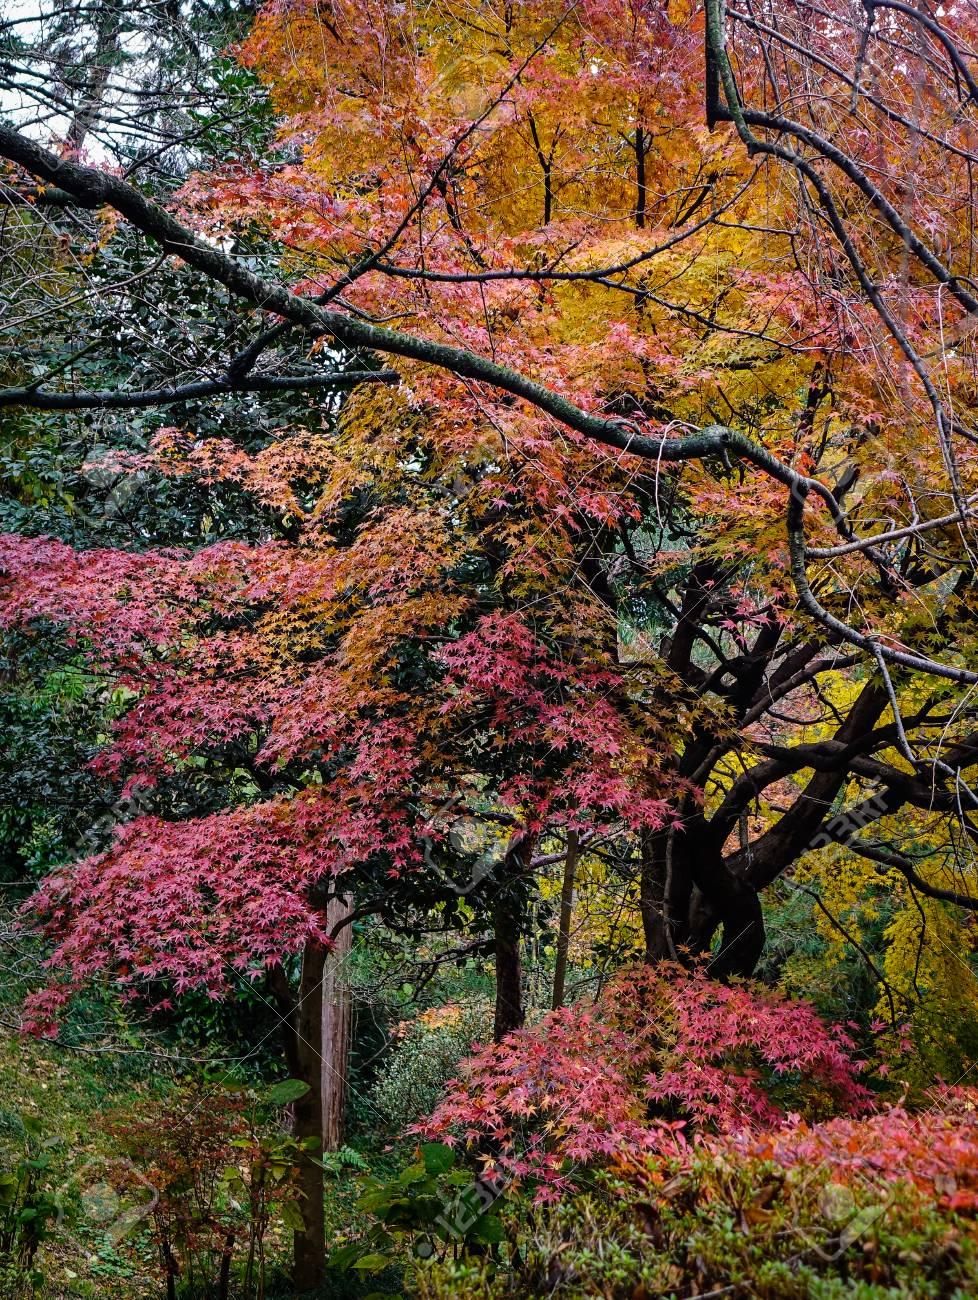 Acero Blu Giapponese molti alberi di acero nella foresta in autunno a kanazawa, in giappone.  kanazawa è chiamato piccolo kyoto, uno dei gioielli trascurati del turismo